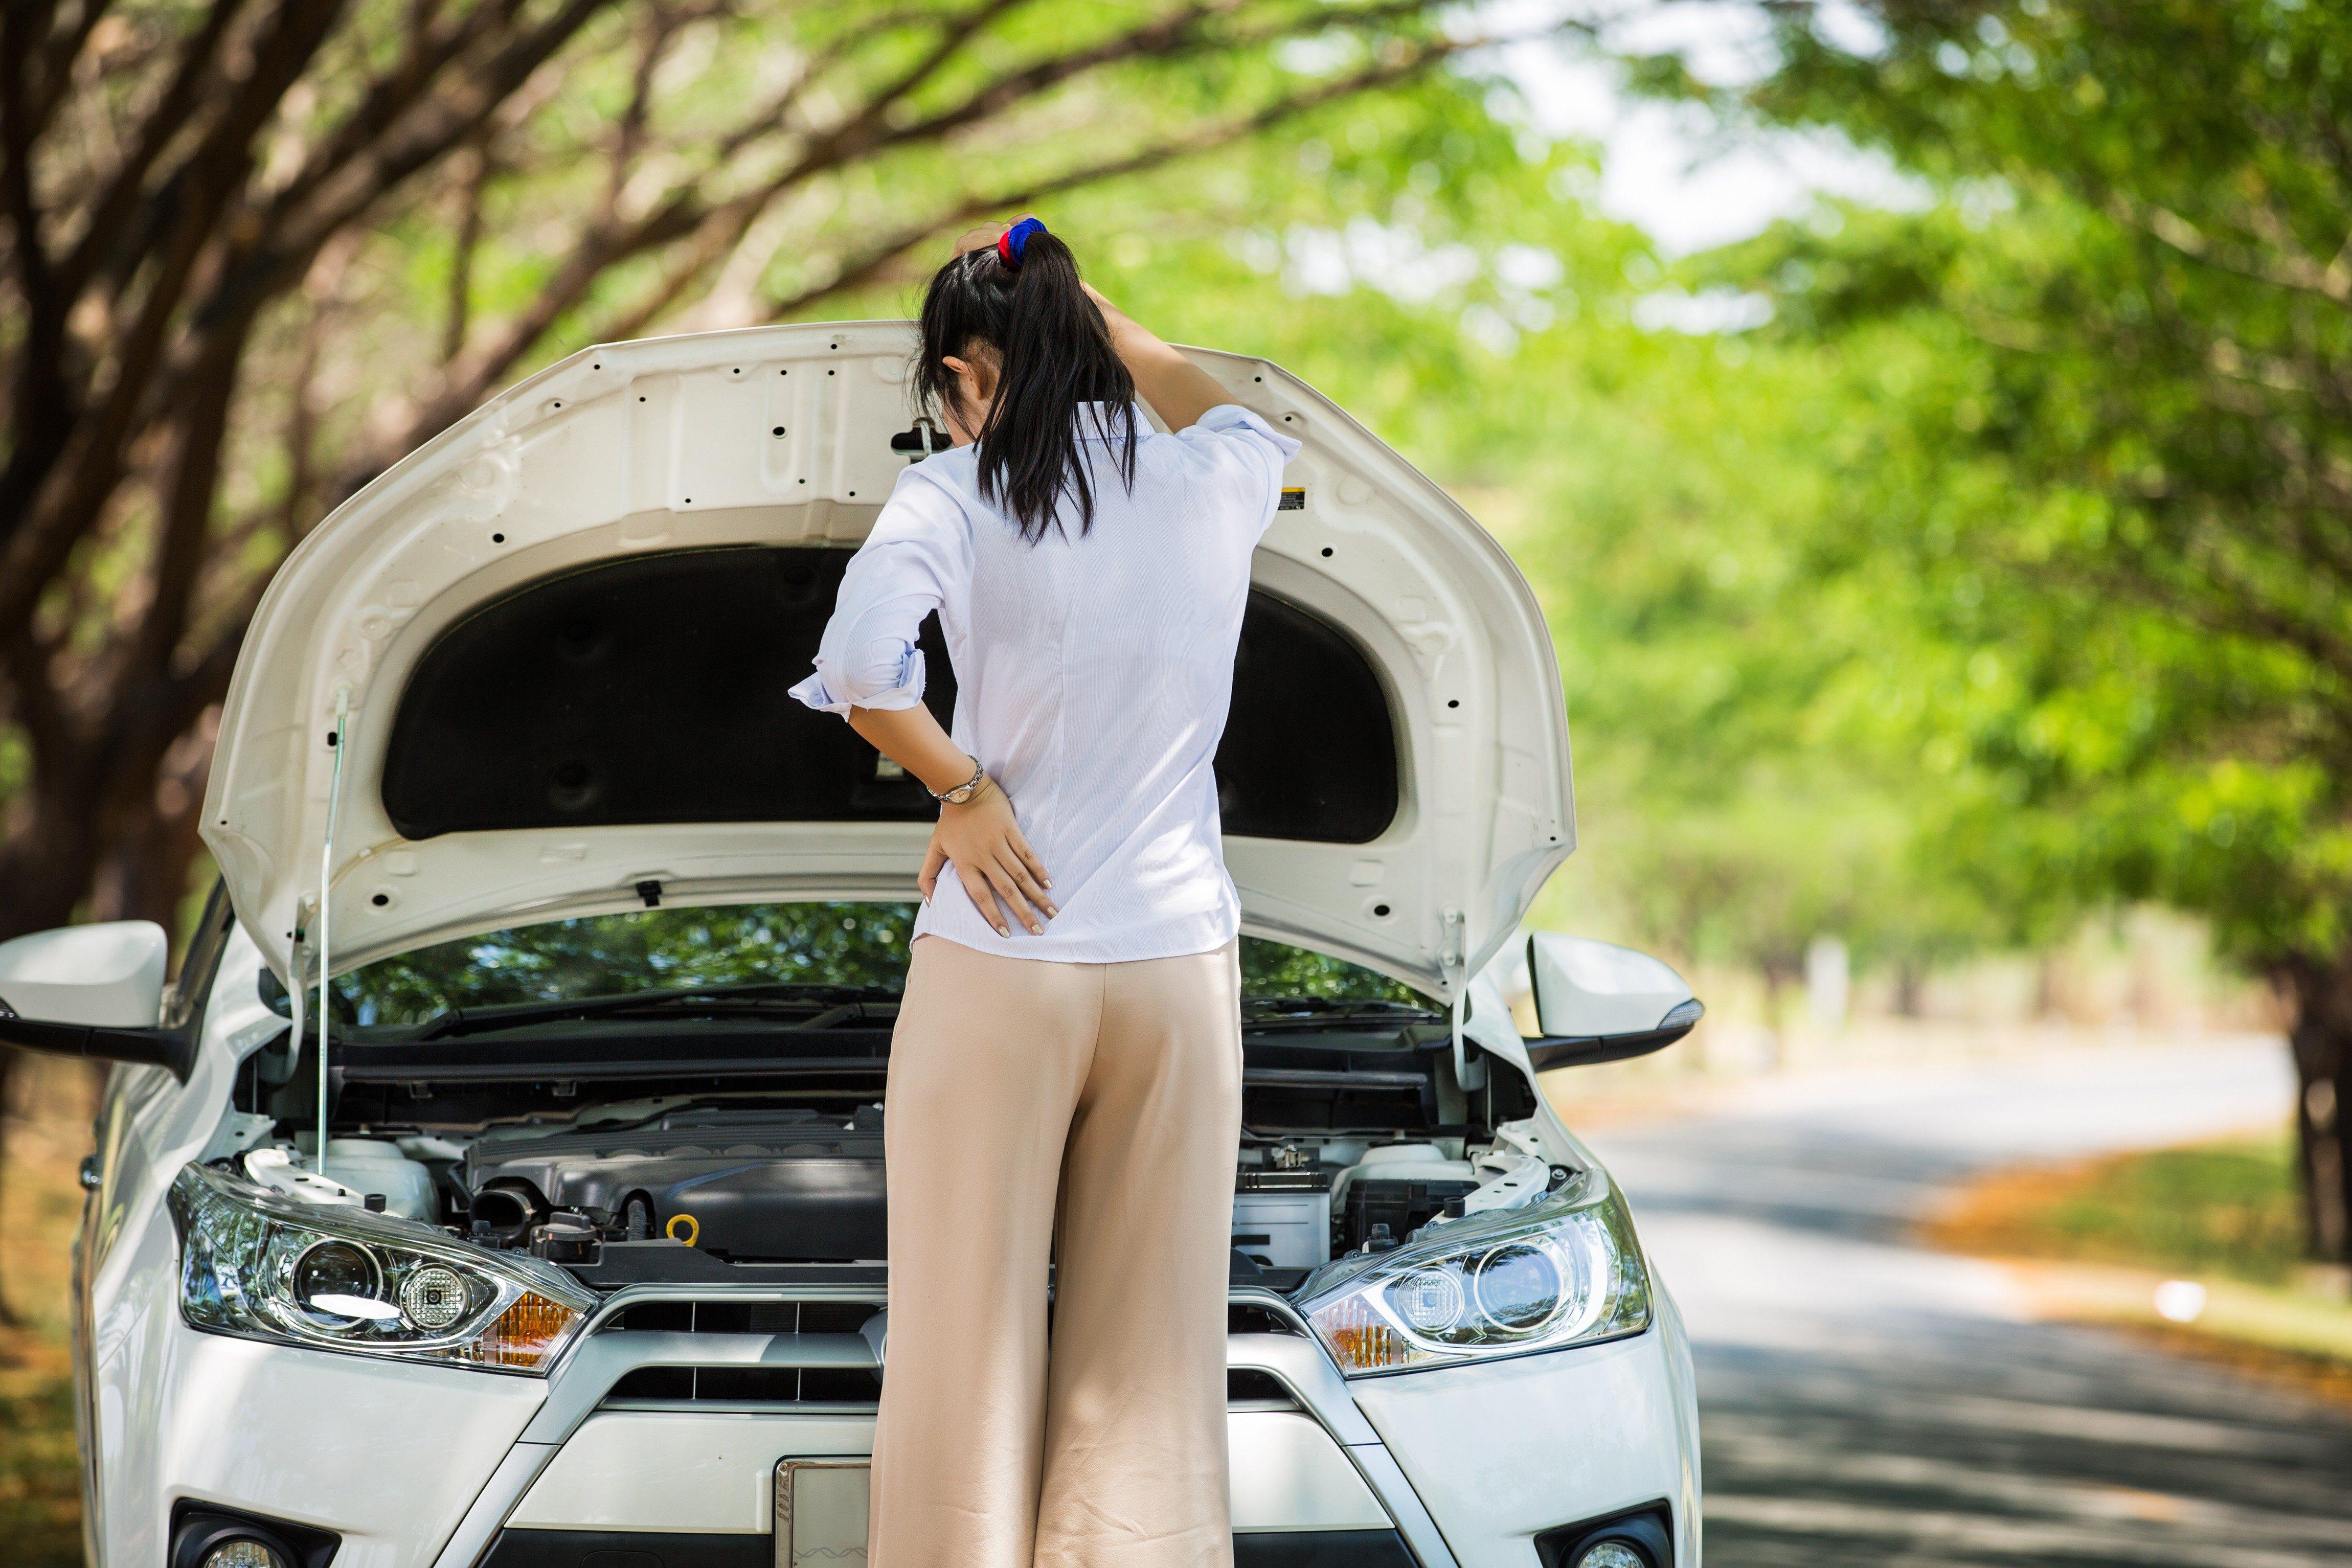 Votre voiture ne démarre pas, mais ne perdez pas espoir!